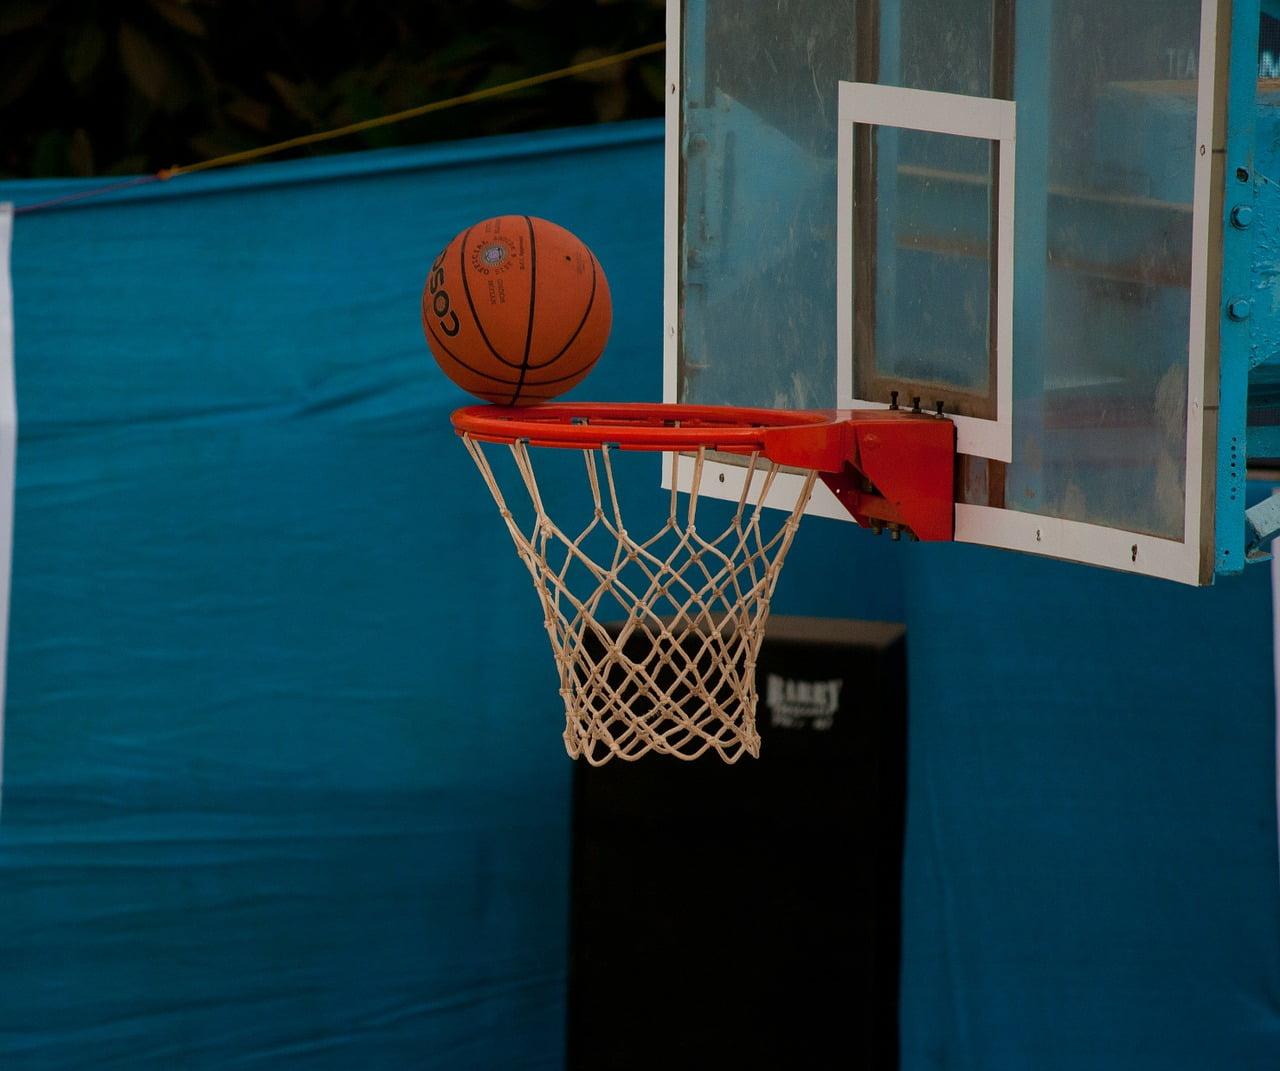 Košarkaši, ilustracija, preuzeto sa sajta pixabay.com / PDPics